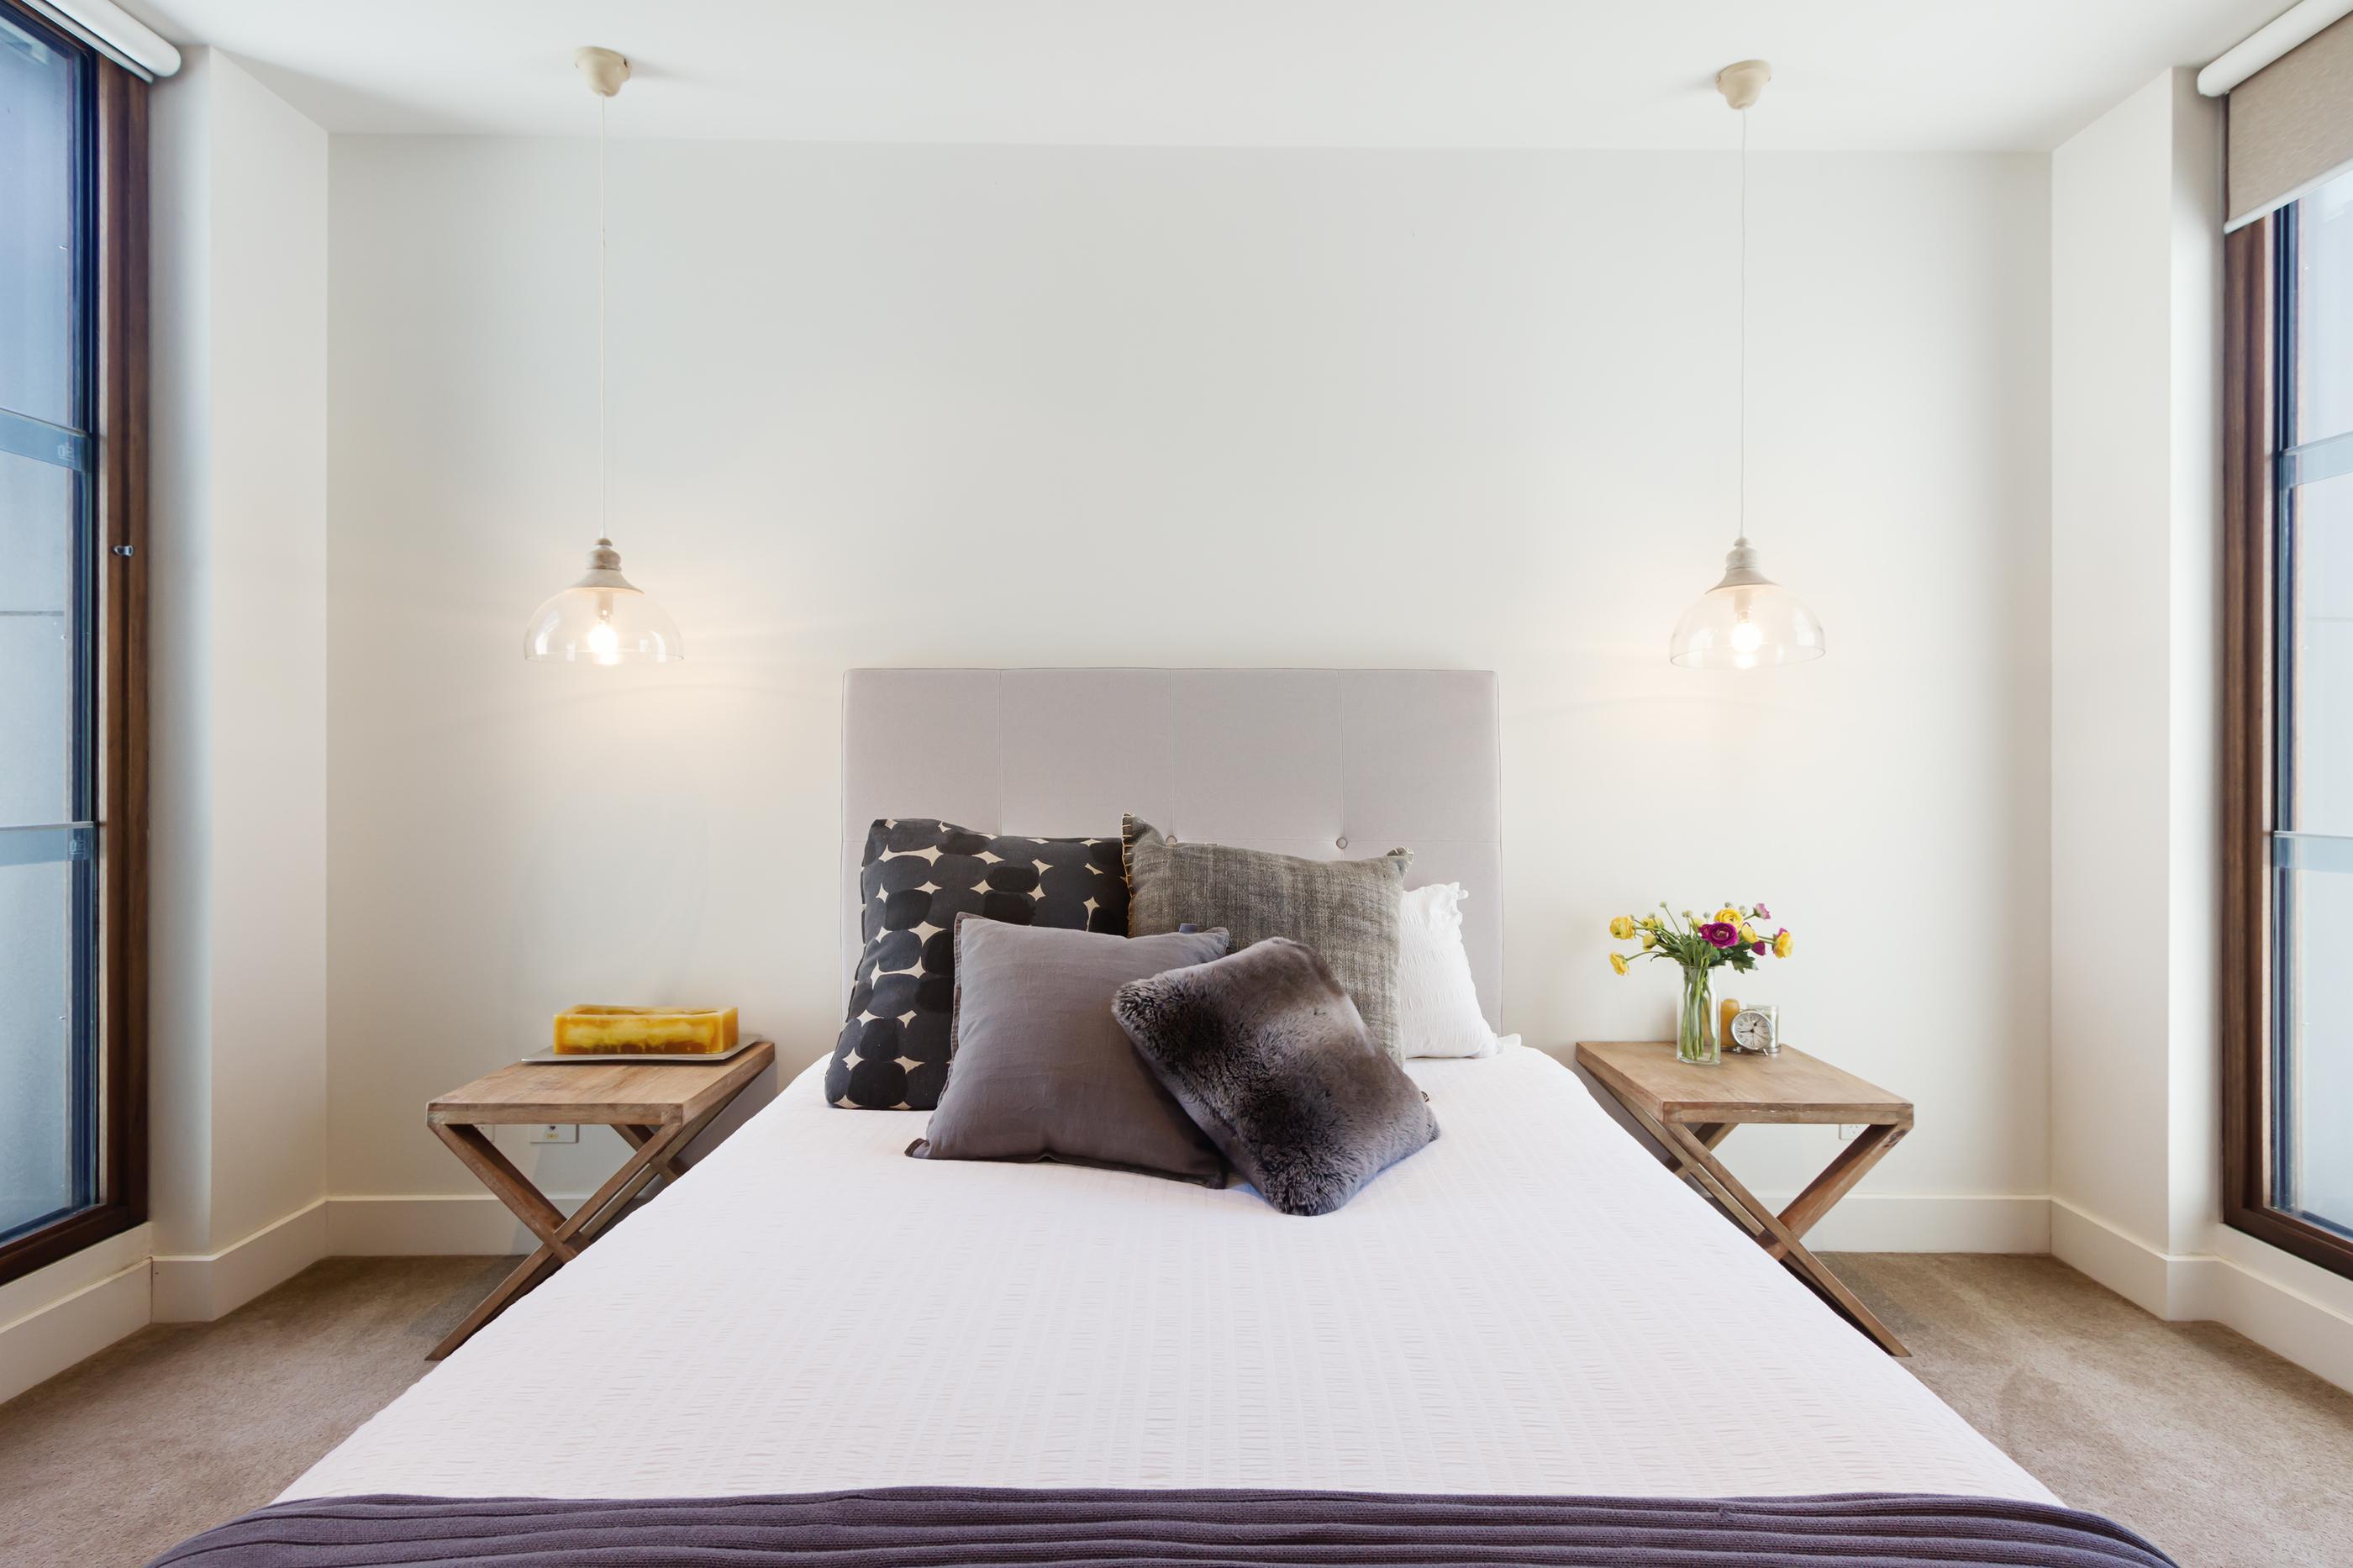 Mała Sypialnia Urządzona W Wielkim Stylu Najlepsze Pomysły